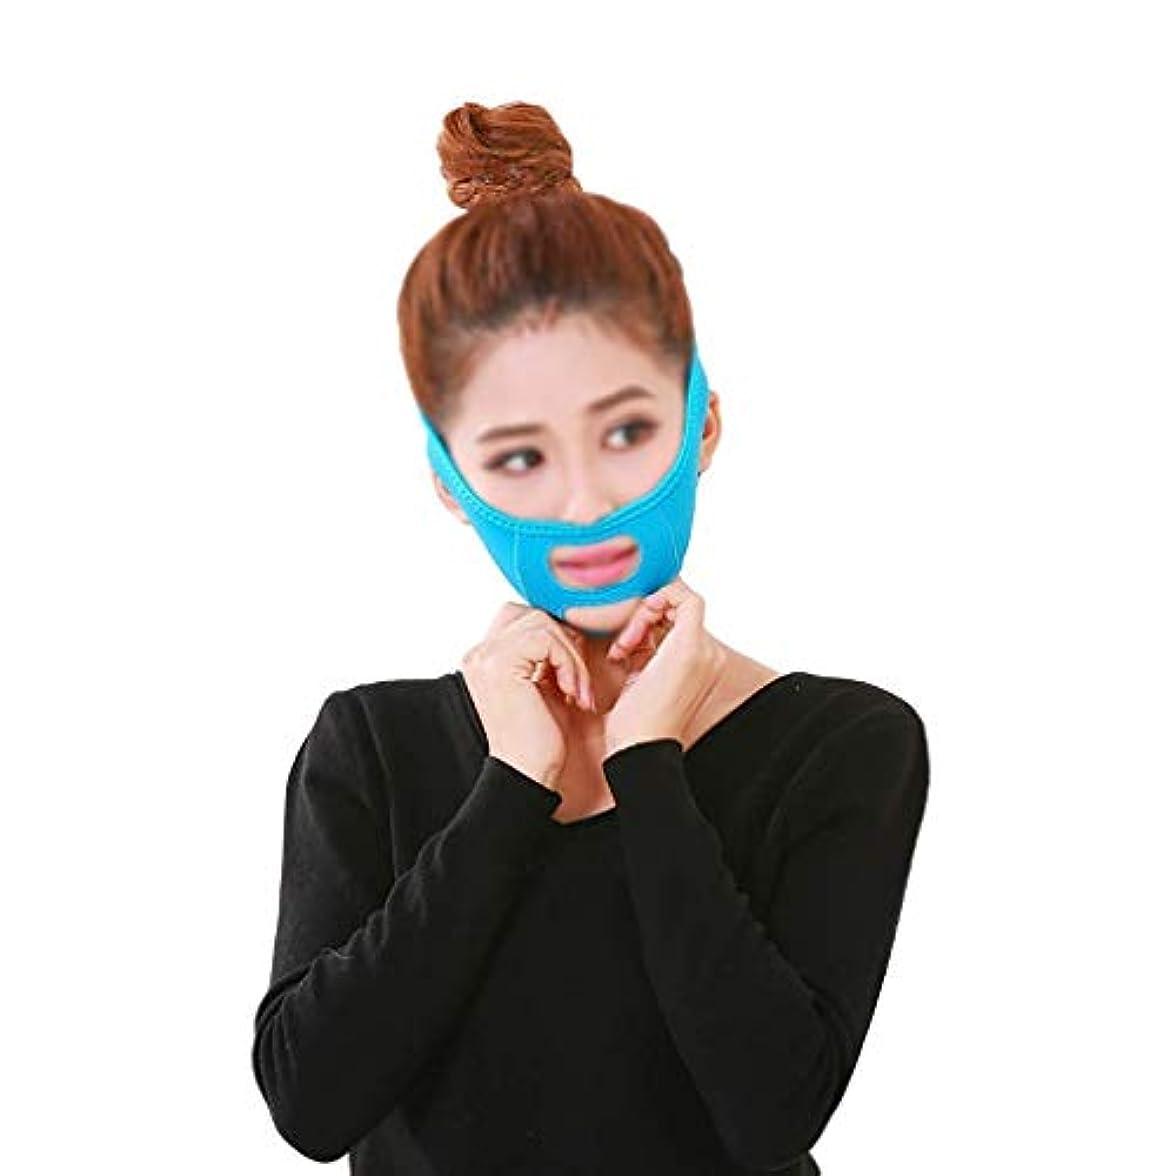 差し引く免疫する宝石フェイスリフトフェイシャル、肌のリラクゼーションを防ぐためのタイトなVフェイスマスクVフェイスアーティファクトフェイスリフトバンデージフェイスケア(色:青)